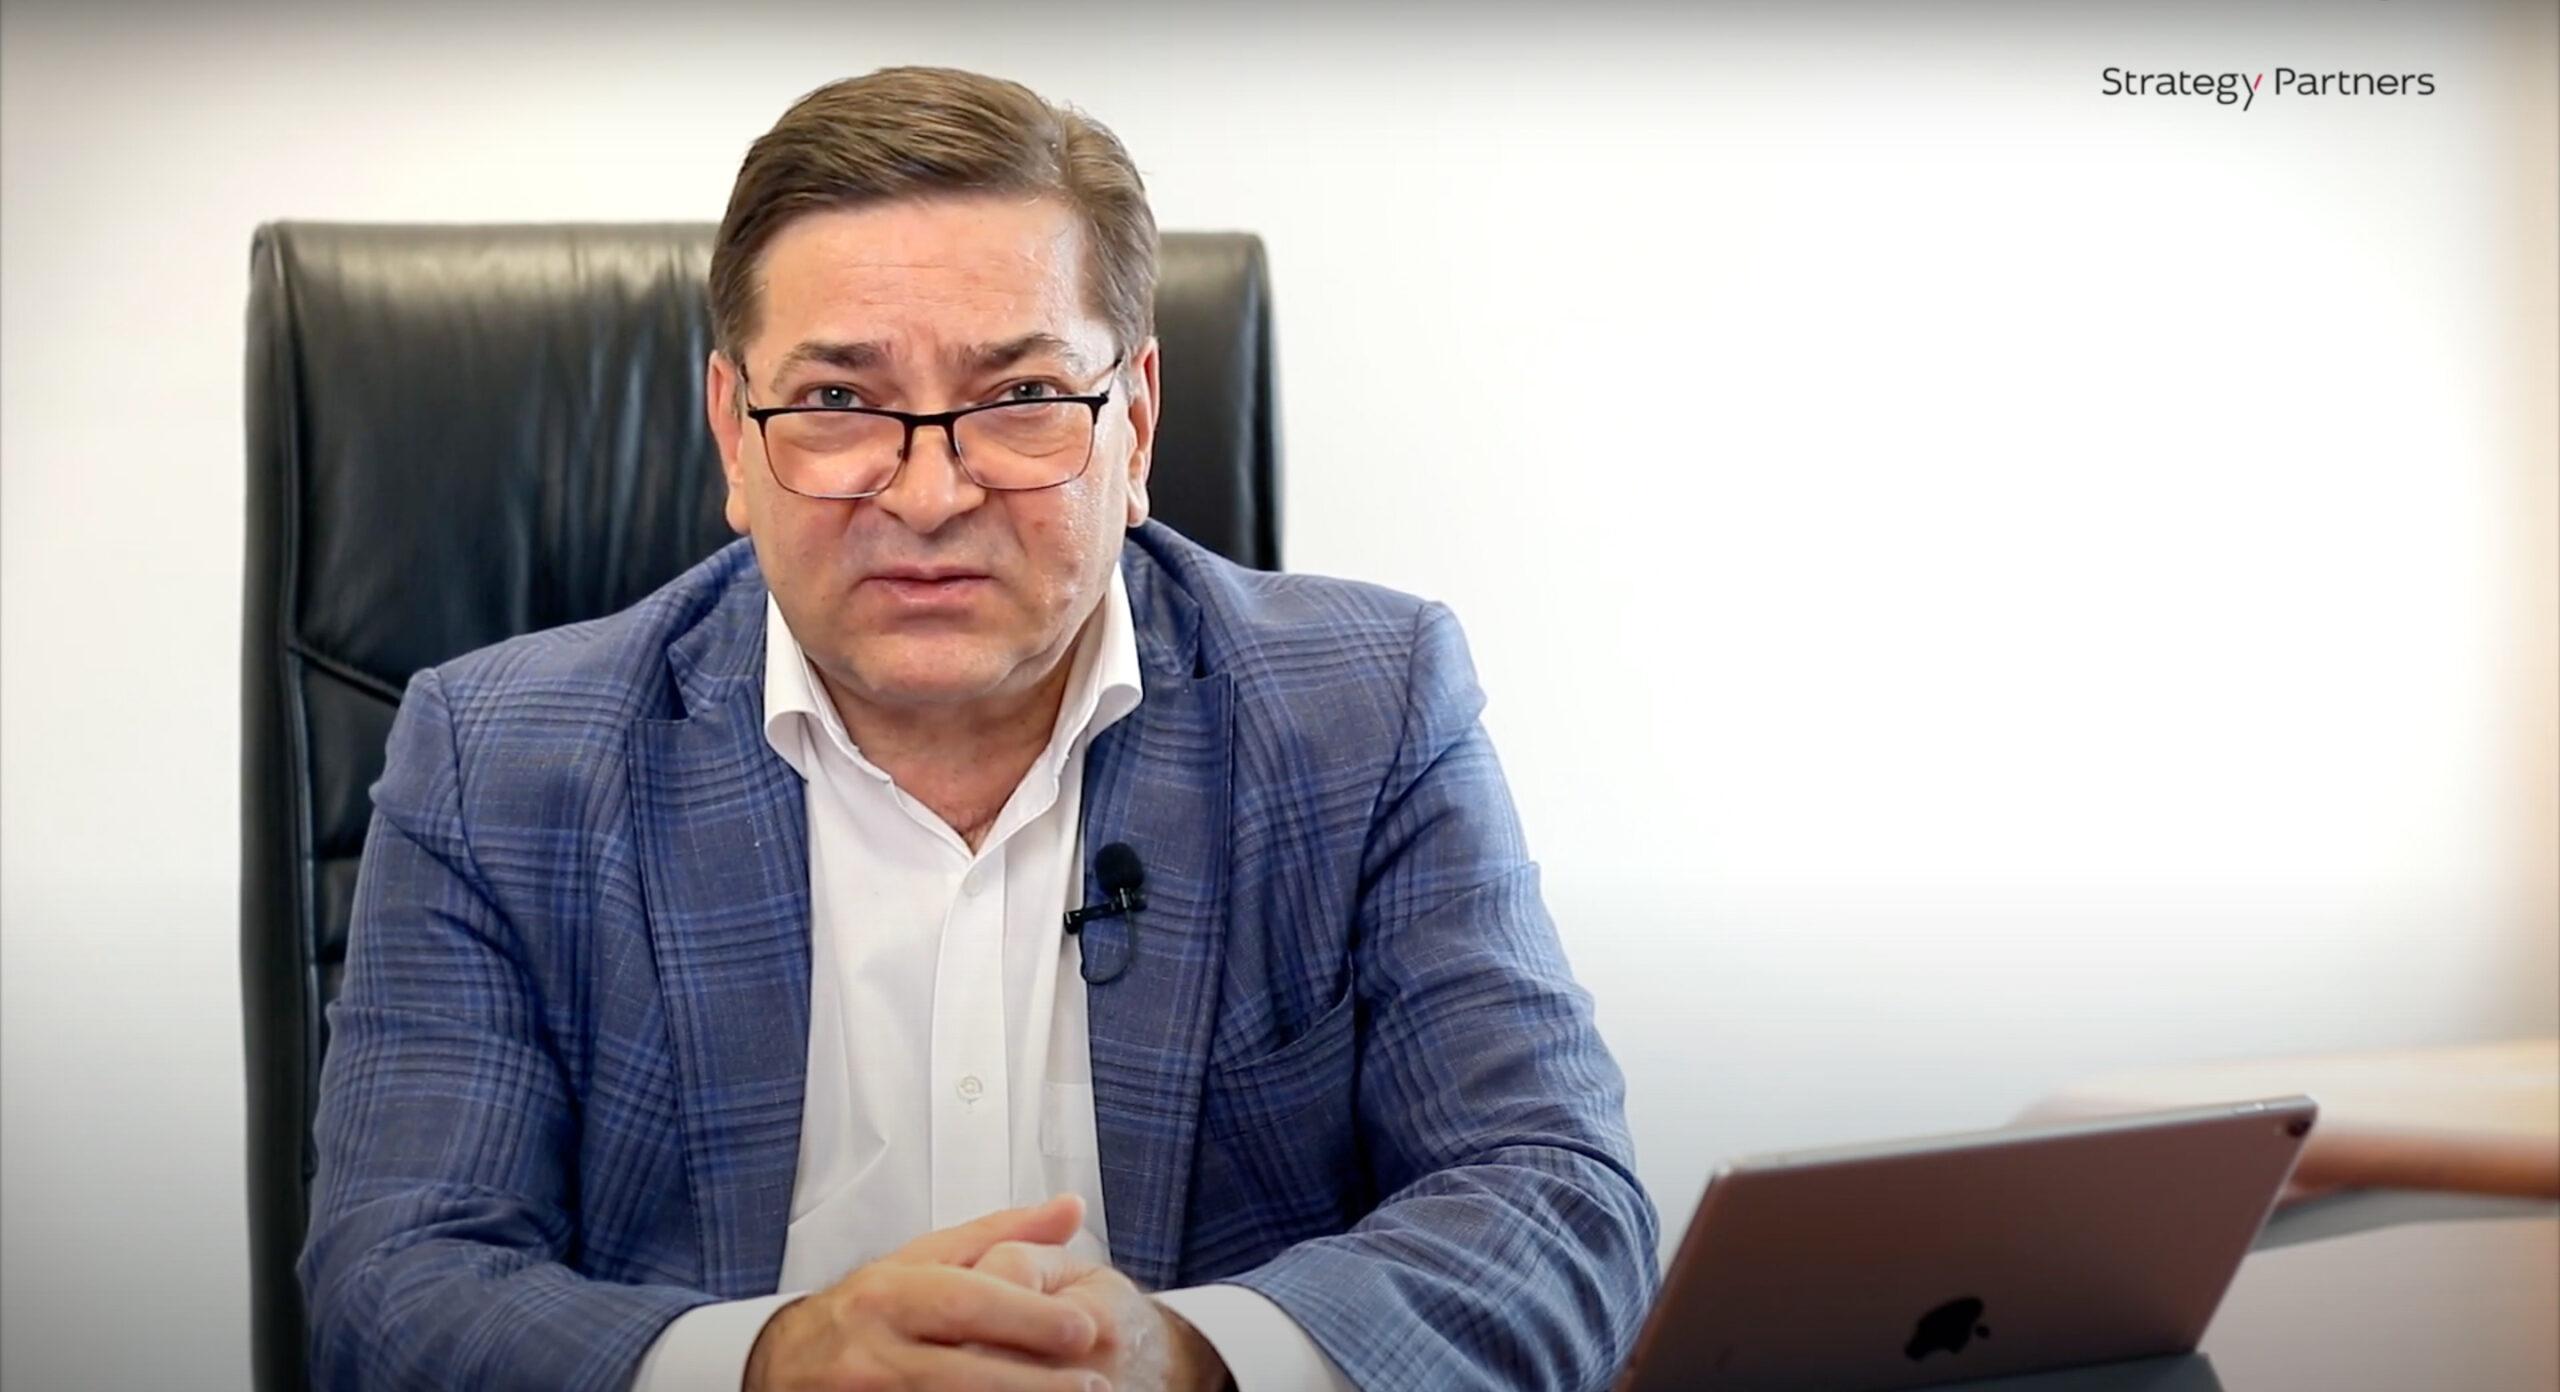 Александр Борисович Идрисов | Видеообращение для сайта STRATEGY PARTNIERS | Интервью